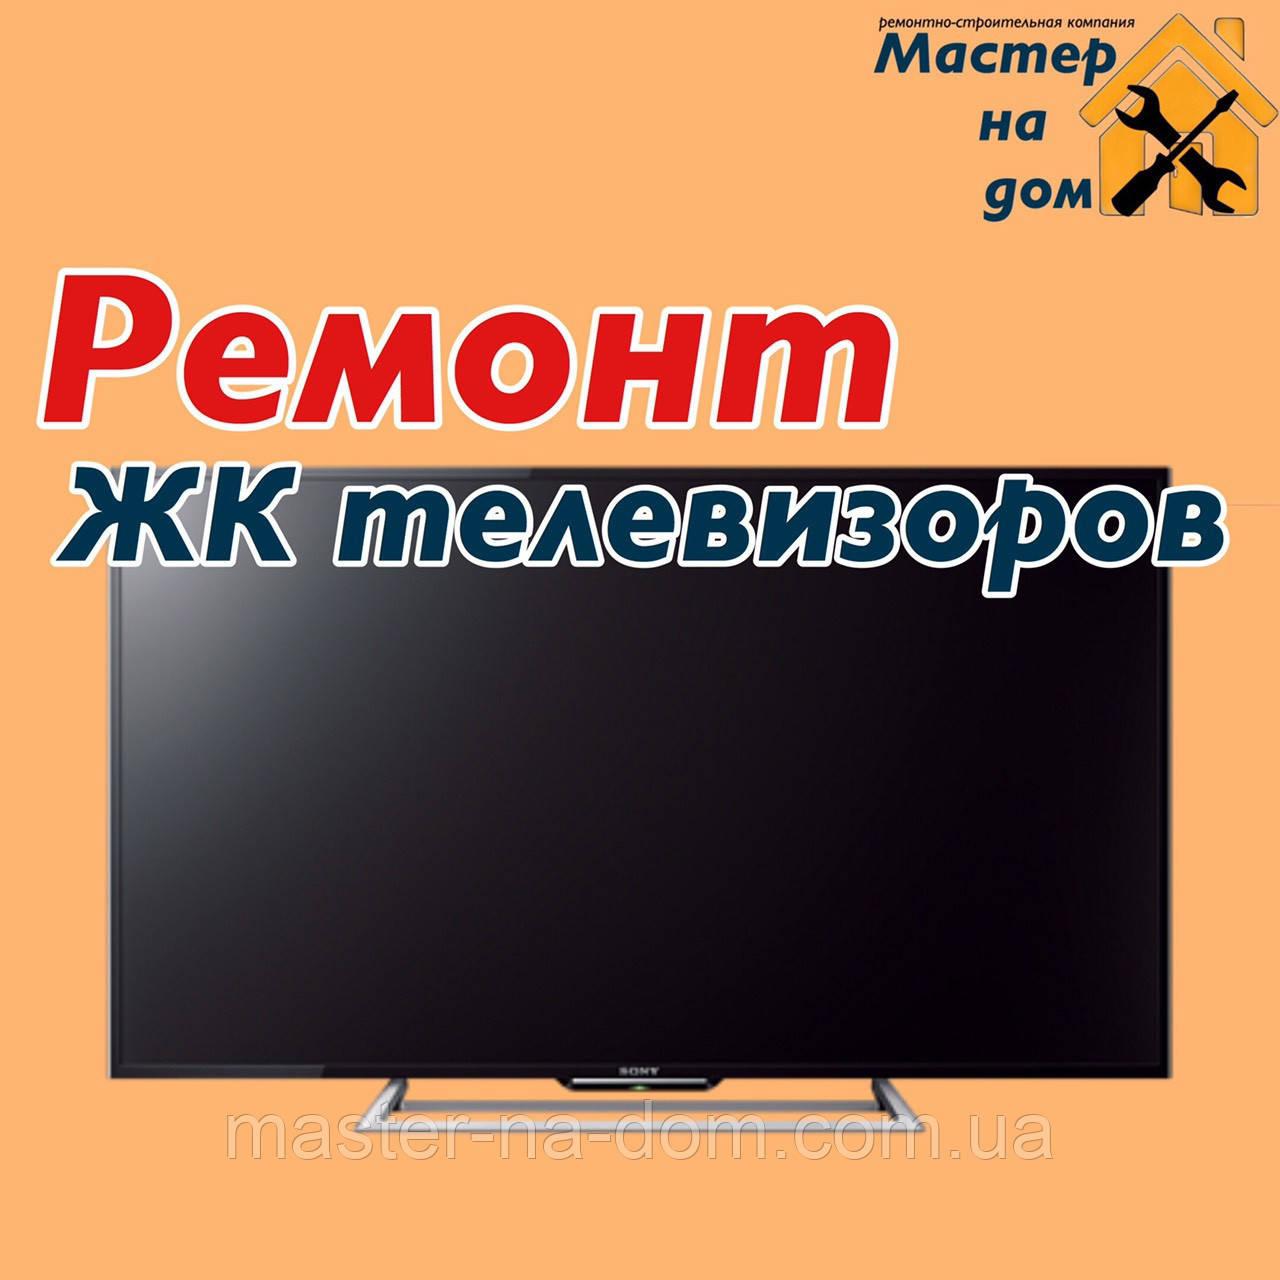 Ремонт ЖК телевизоров на дому в Запорожье